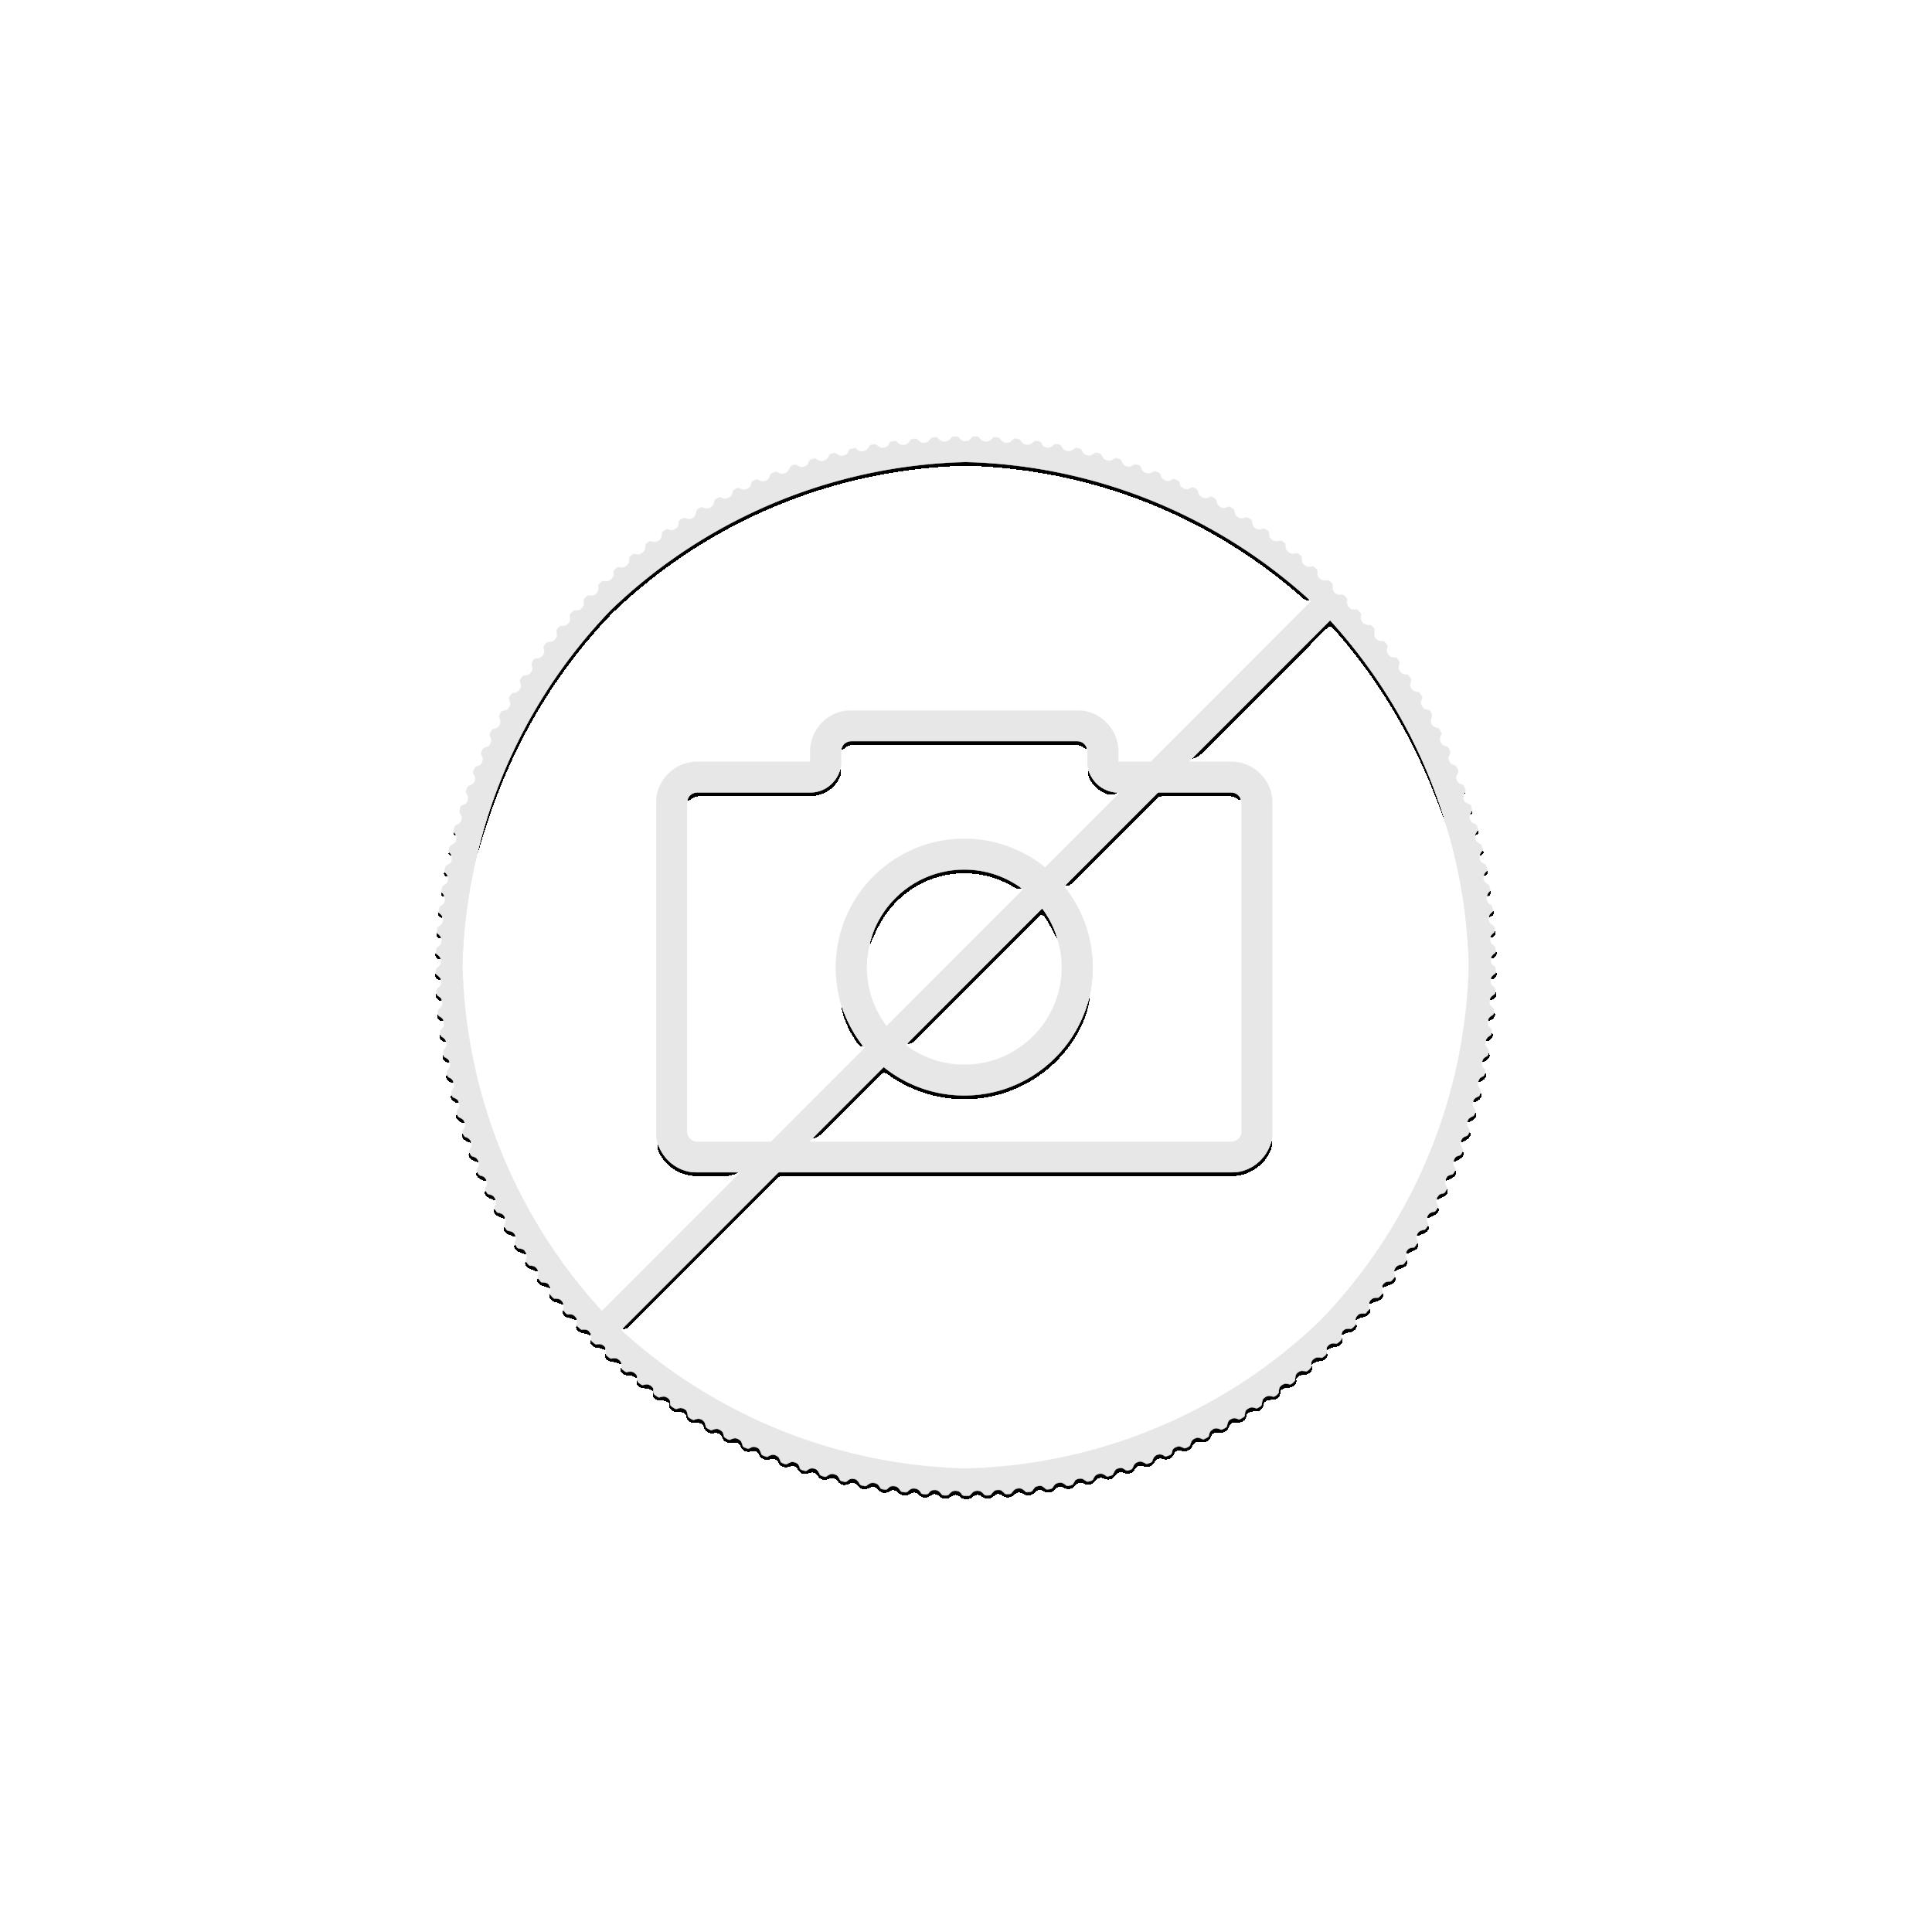 3 troy ounce zilveren munt vijf tijger generaal Guan Yu 2020